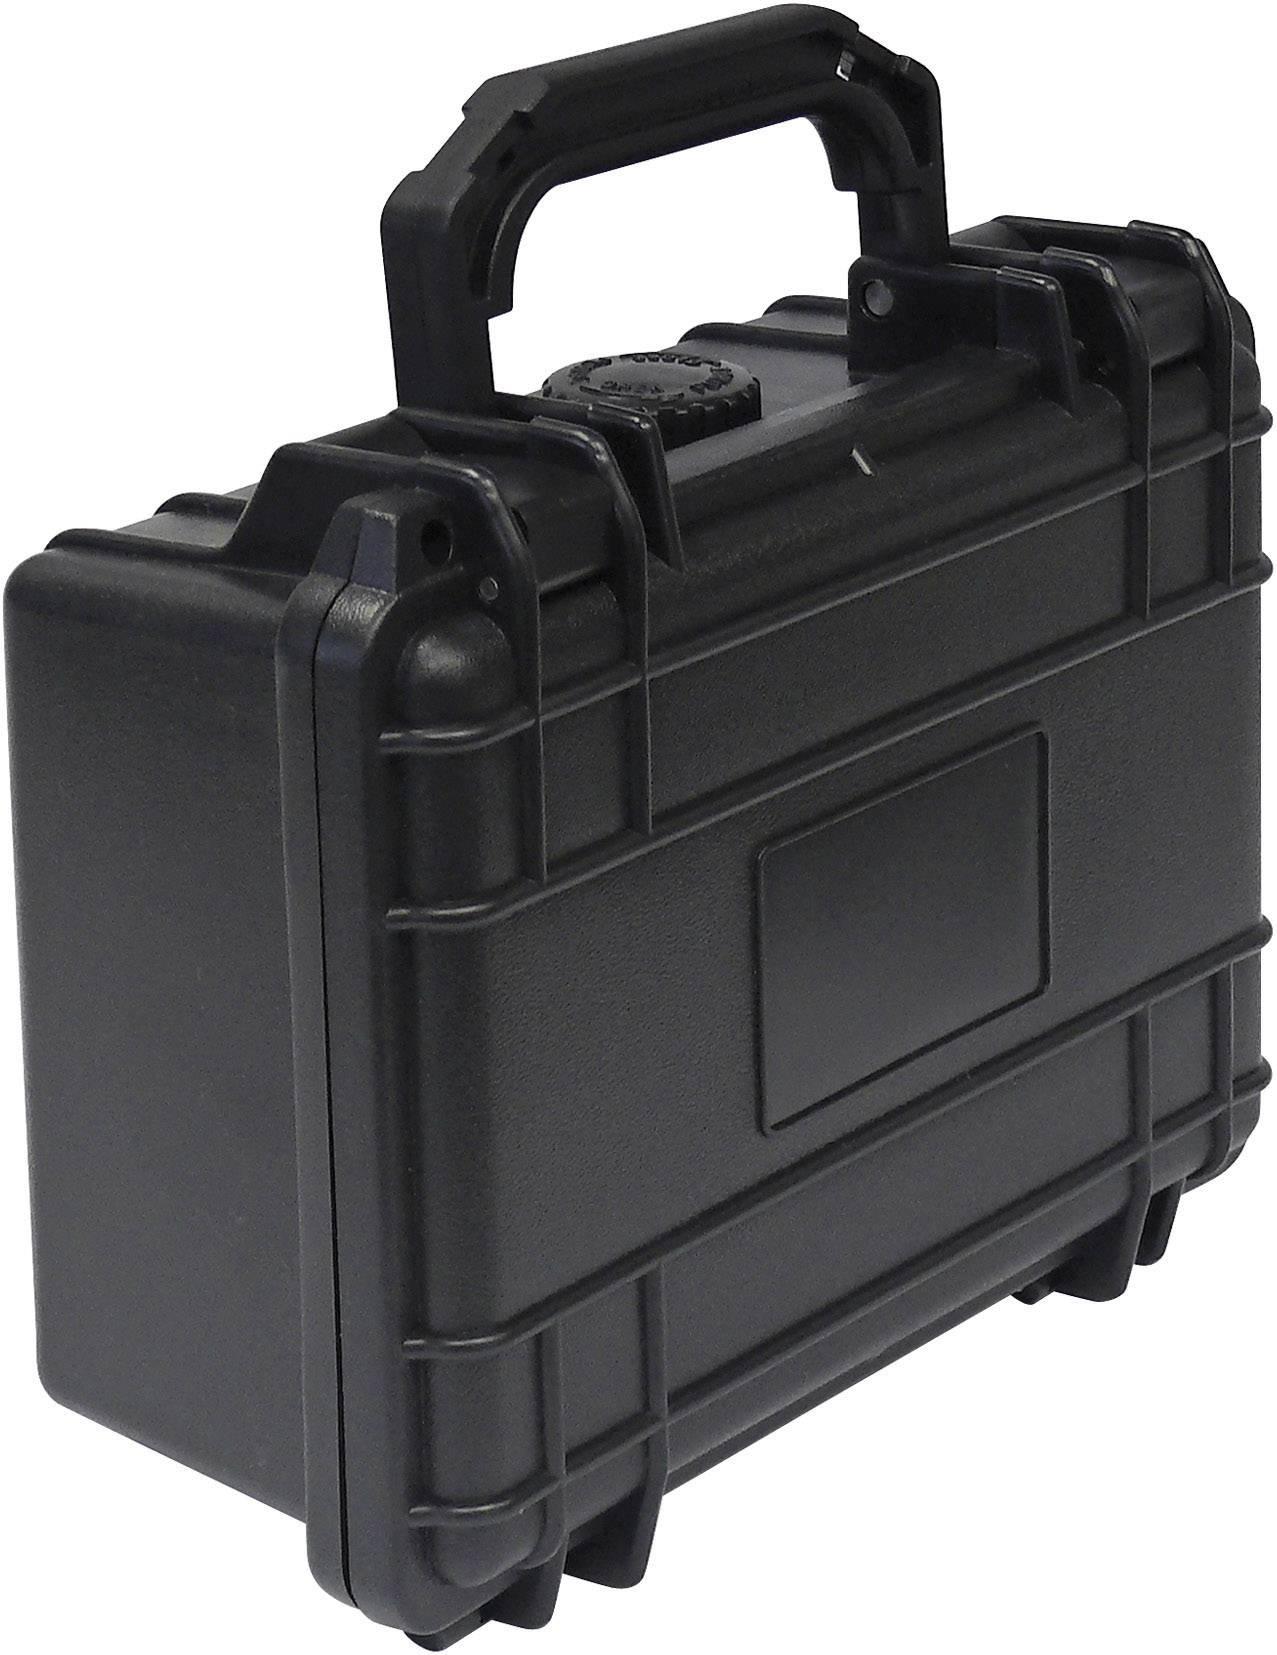 Přepravní kufr, velikost S, 210 x 167 x 90 mm